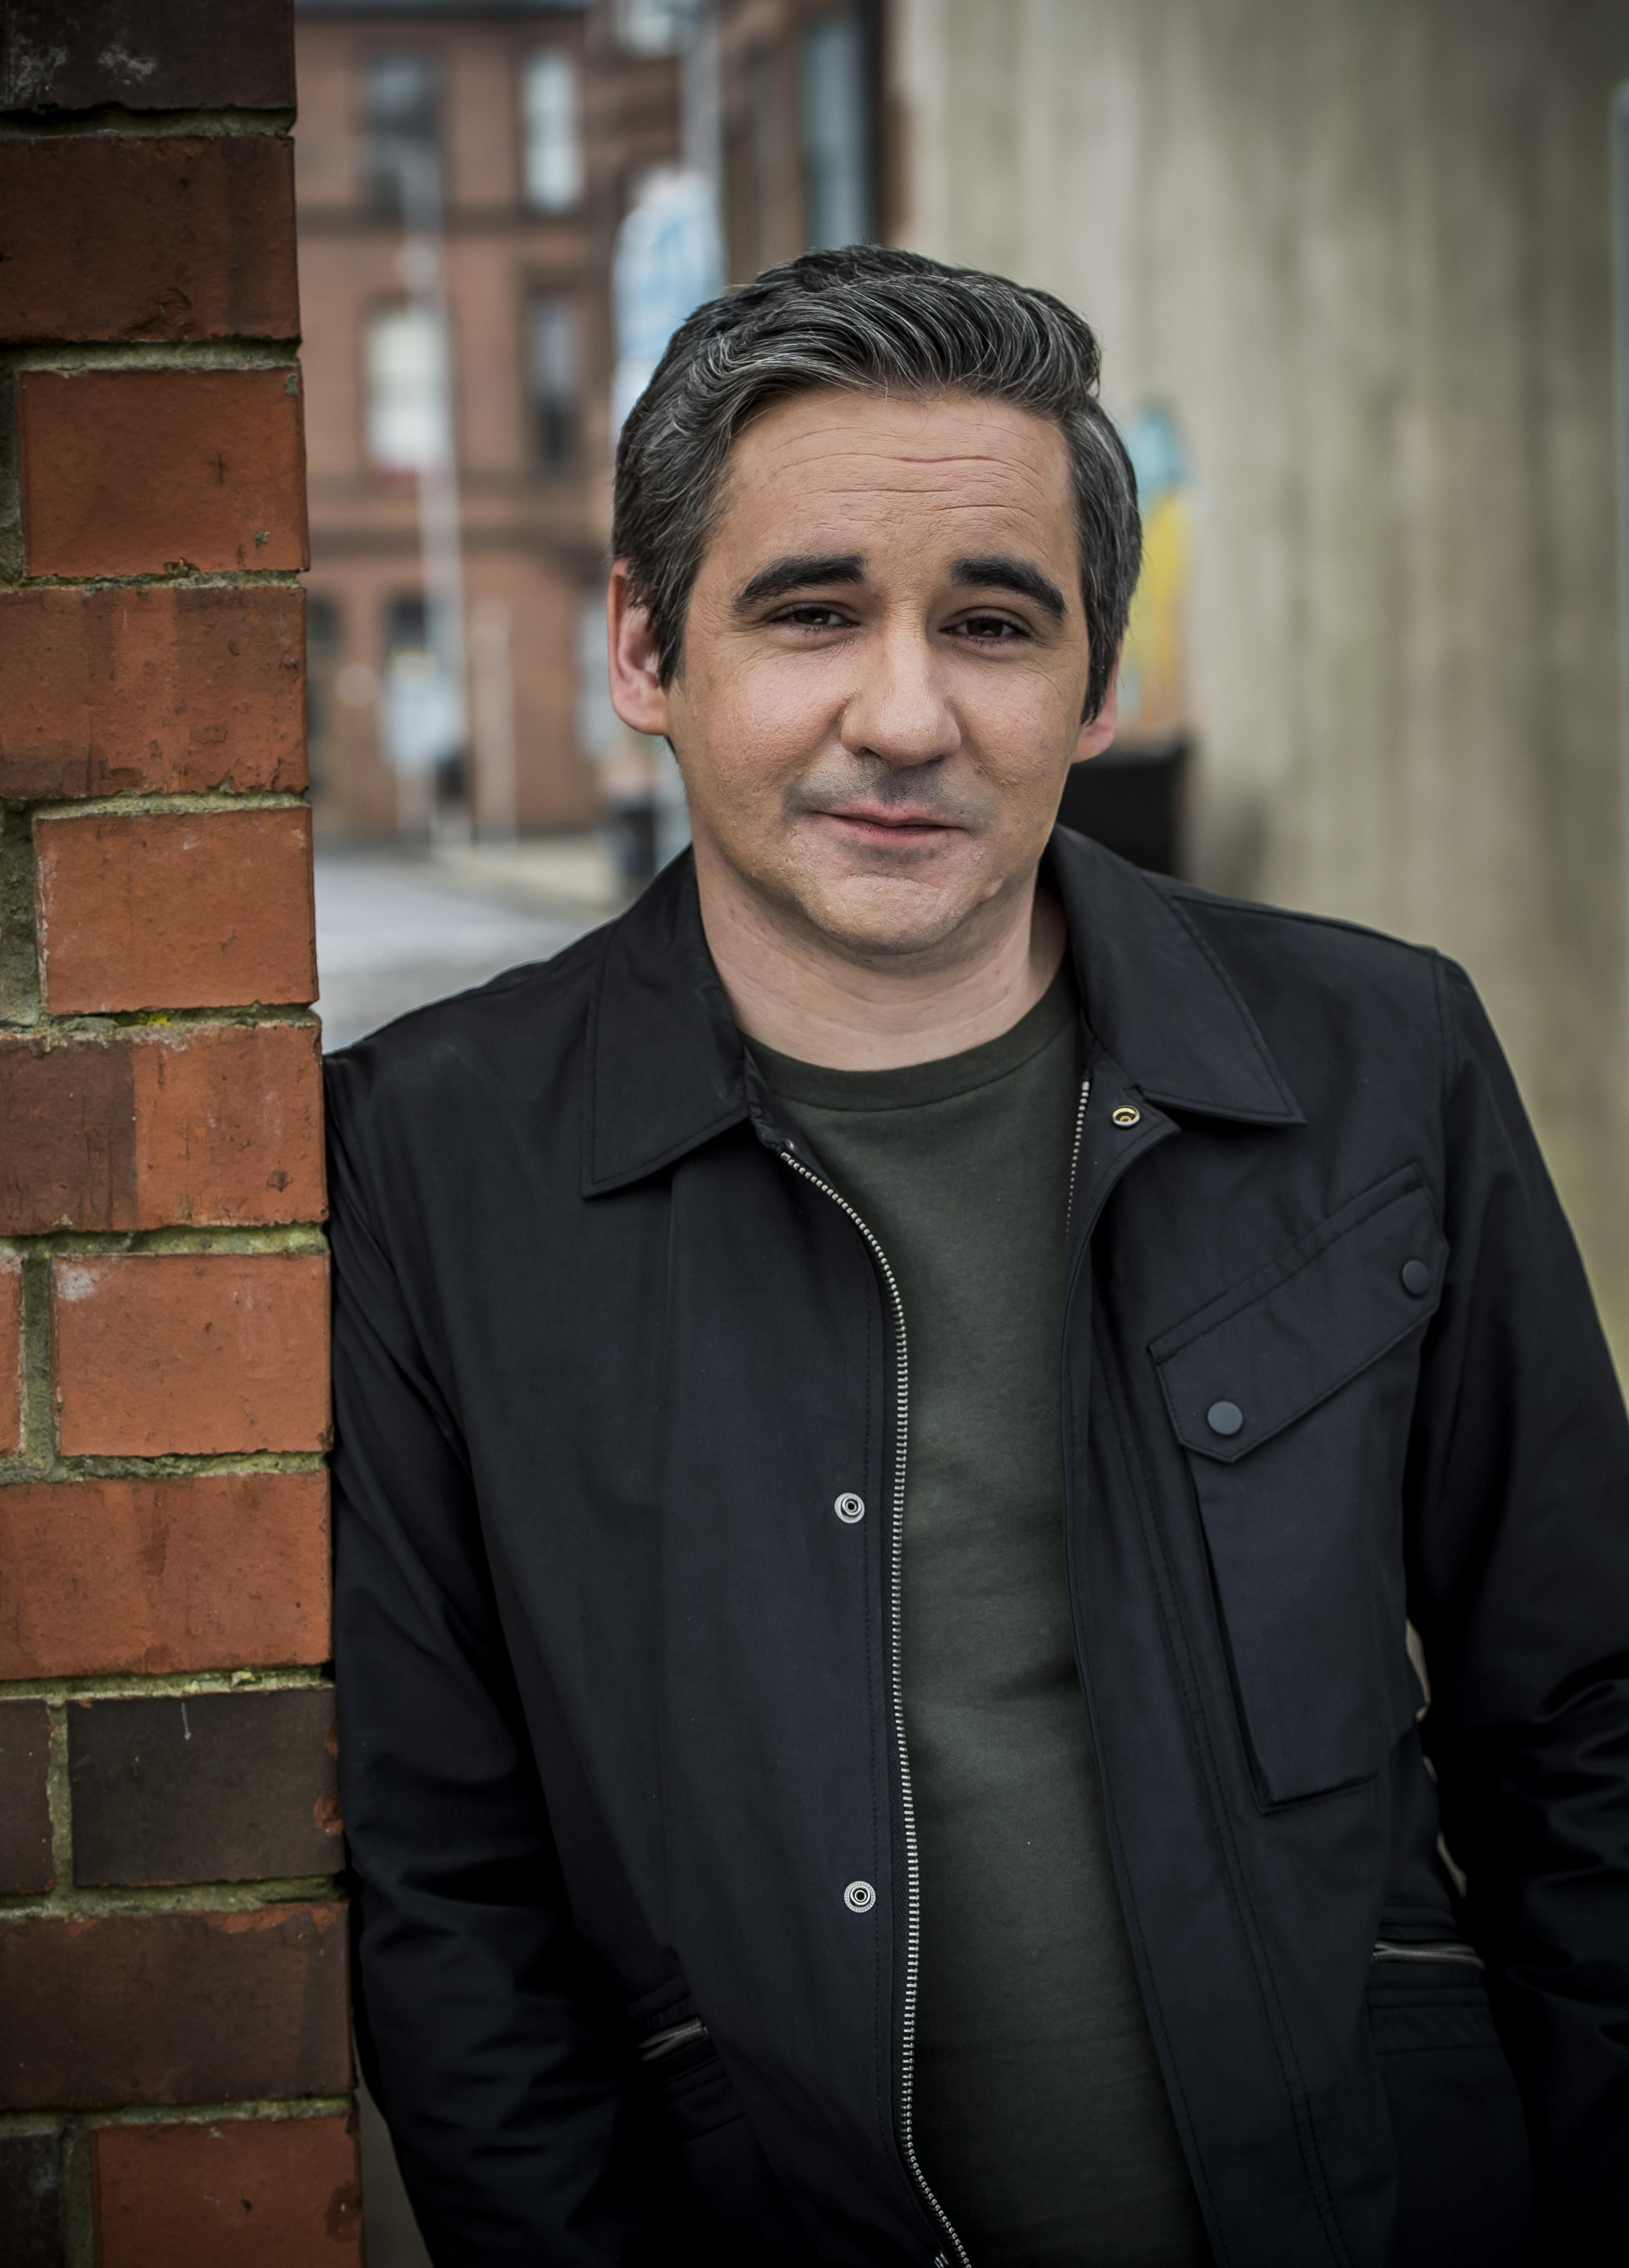 Iain Robertson (born 1981)